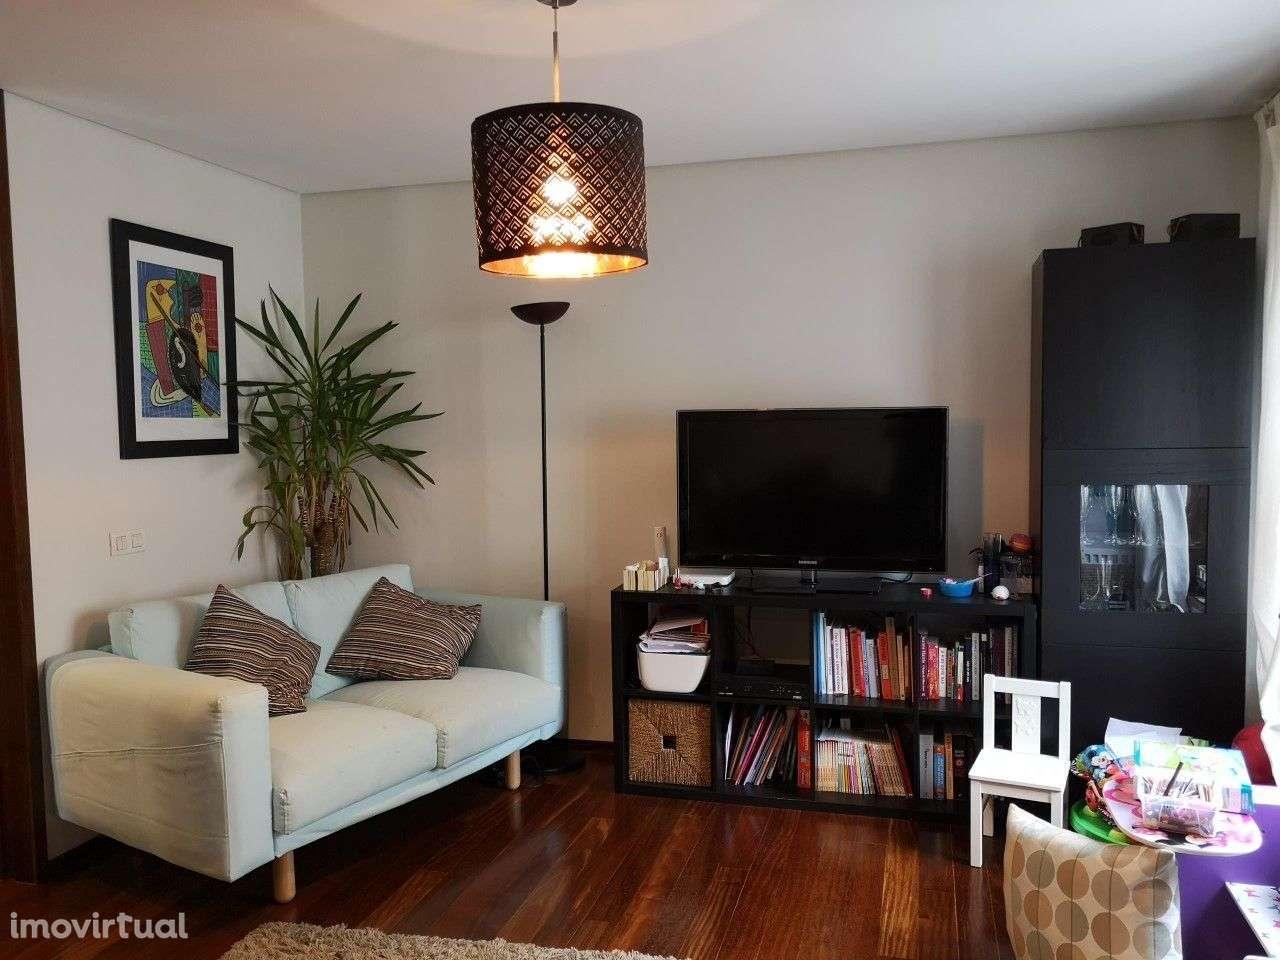 Apartamento para comprar, Rua Instituto de Cegos S Manuel, Cedofeita, Santo Ildefonso, Sé, Miragaia, São Nicolau e Vitória - Foto 17